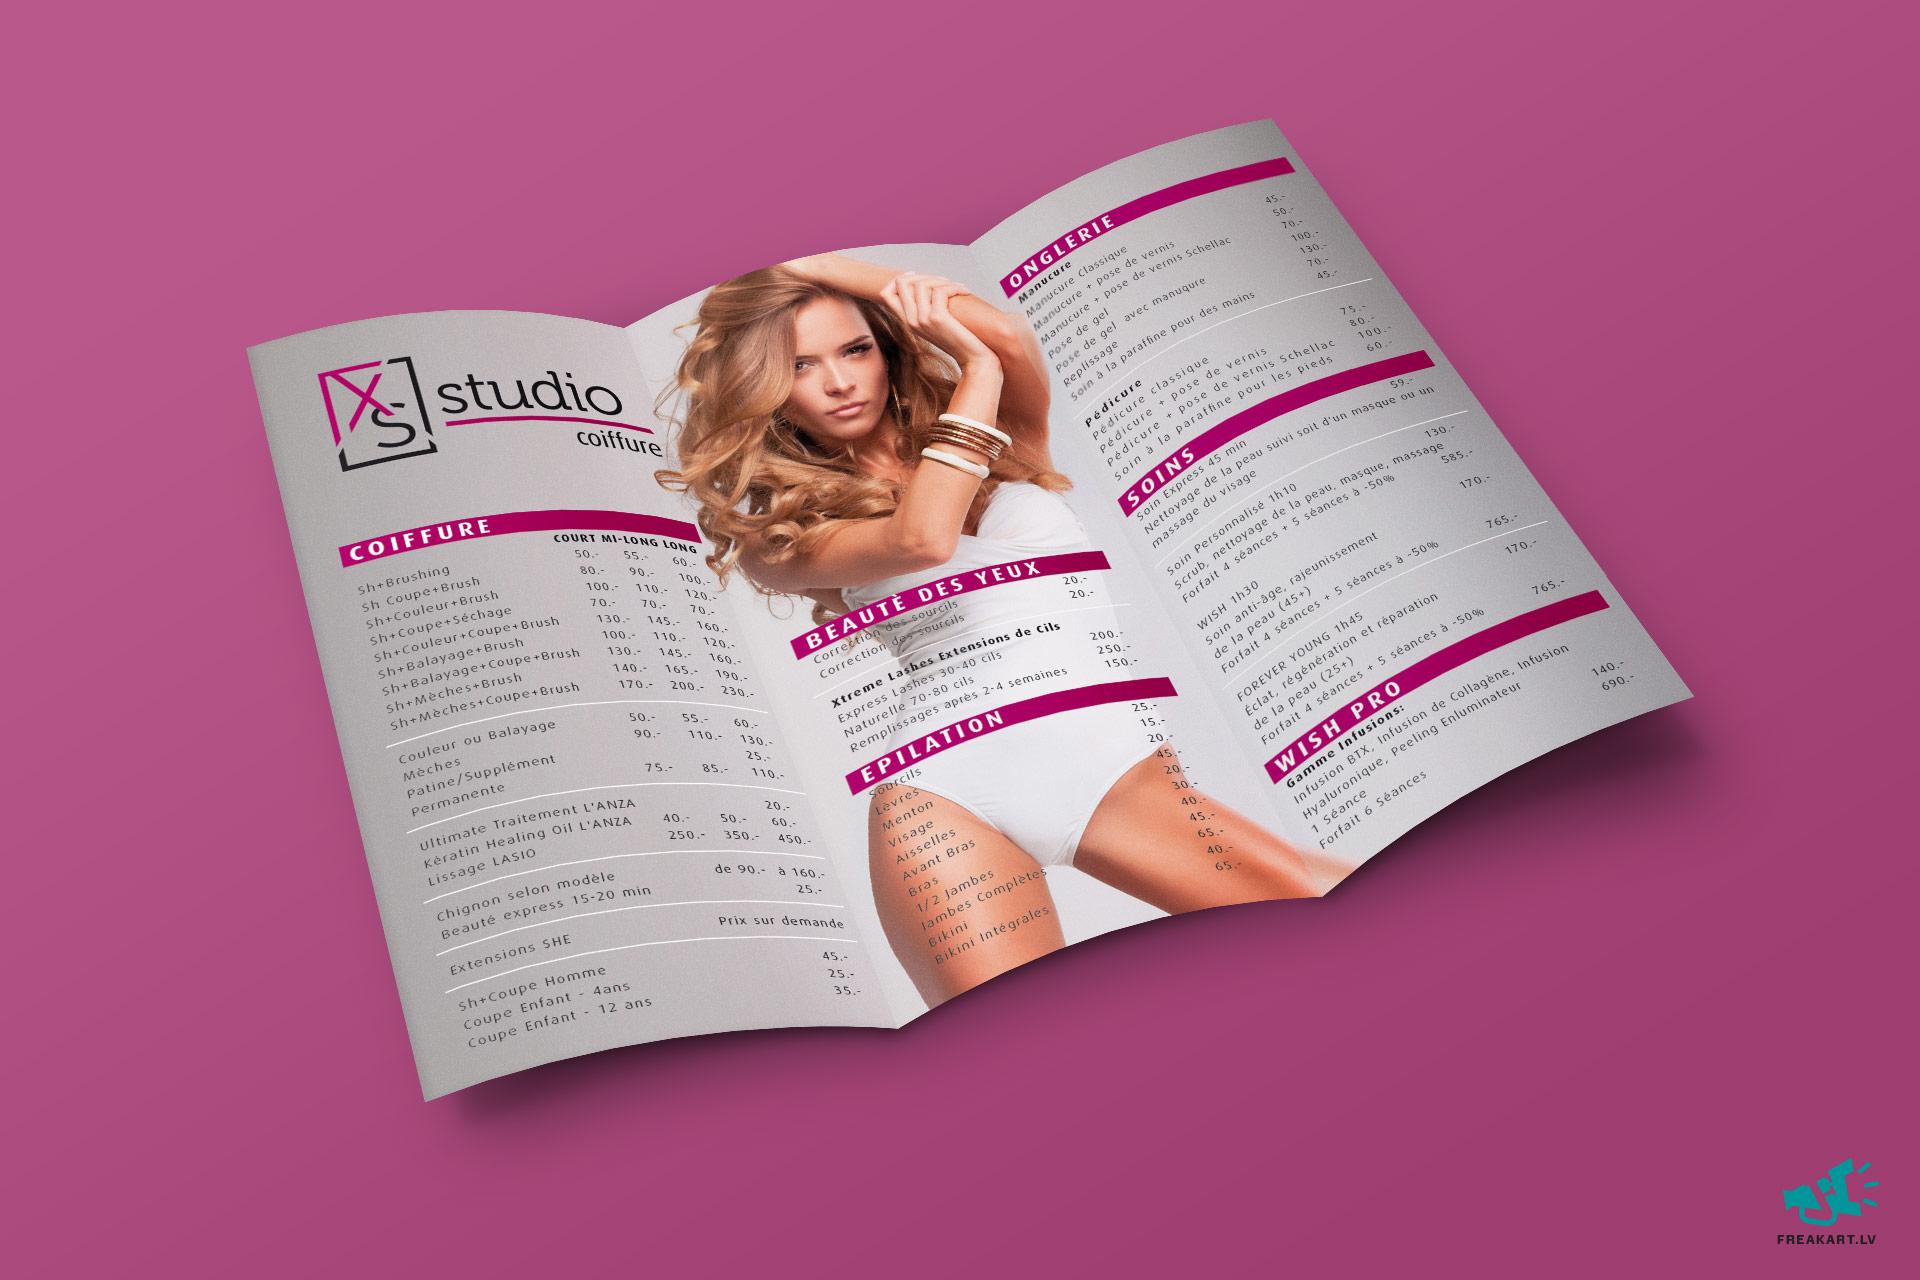 freakart_lv_brosuras_dizains_brochure_design_02